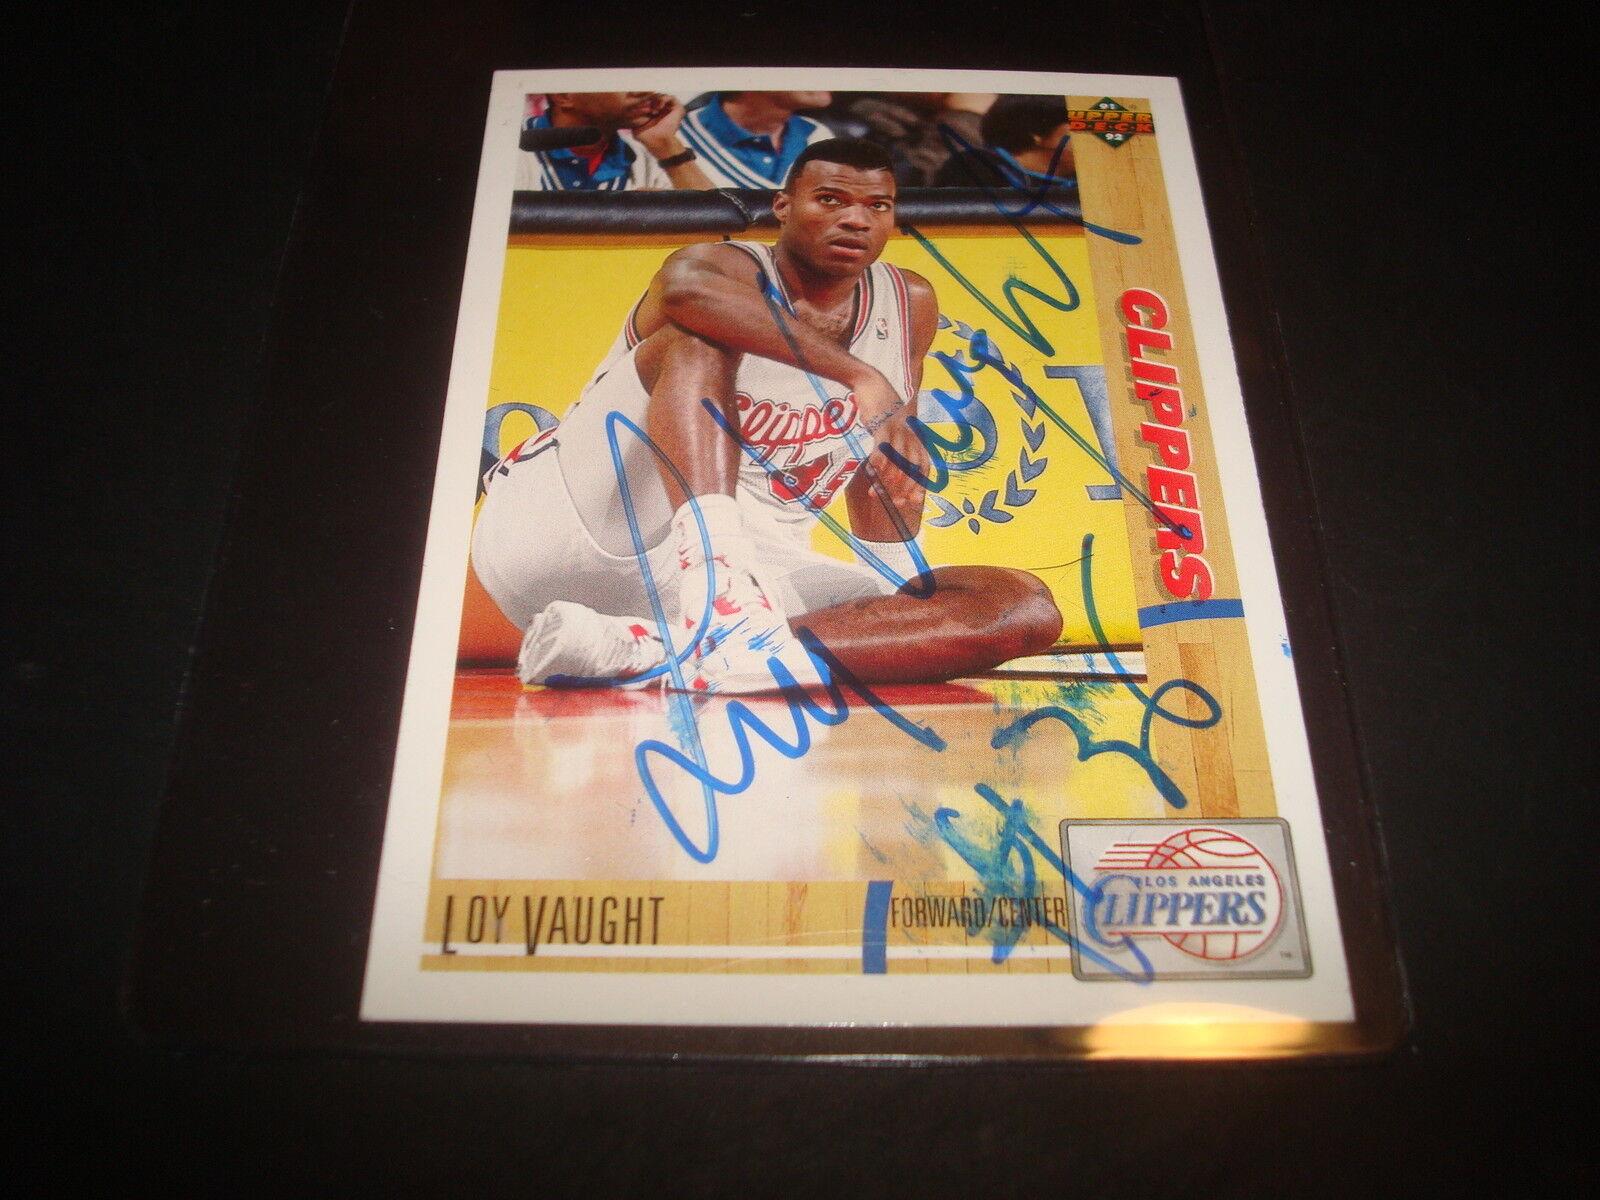 1991 1992 Upper Deck Loy Vaught 138 Basketball Card